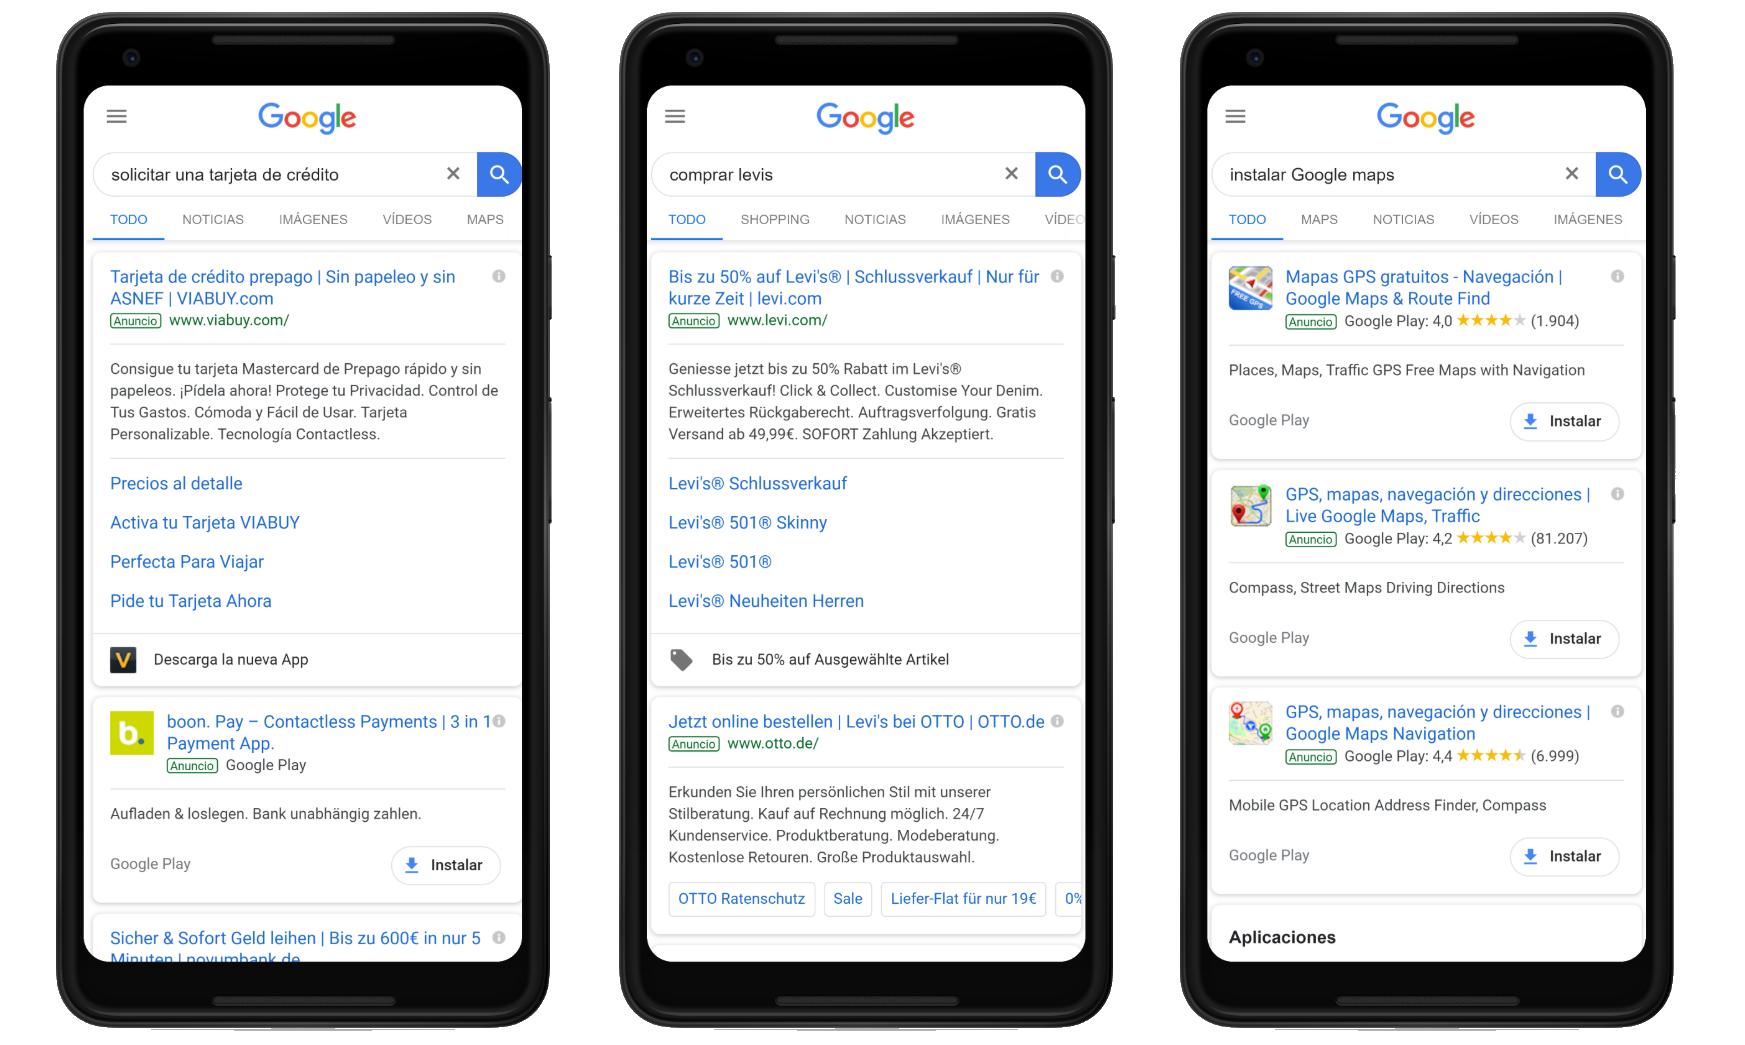 """Ejemplos de búsquedas """"Do"""" como intención de búsqueda del  usuario en Google"""